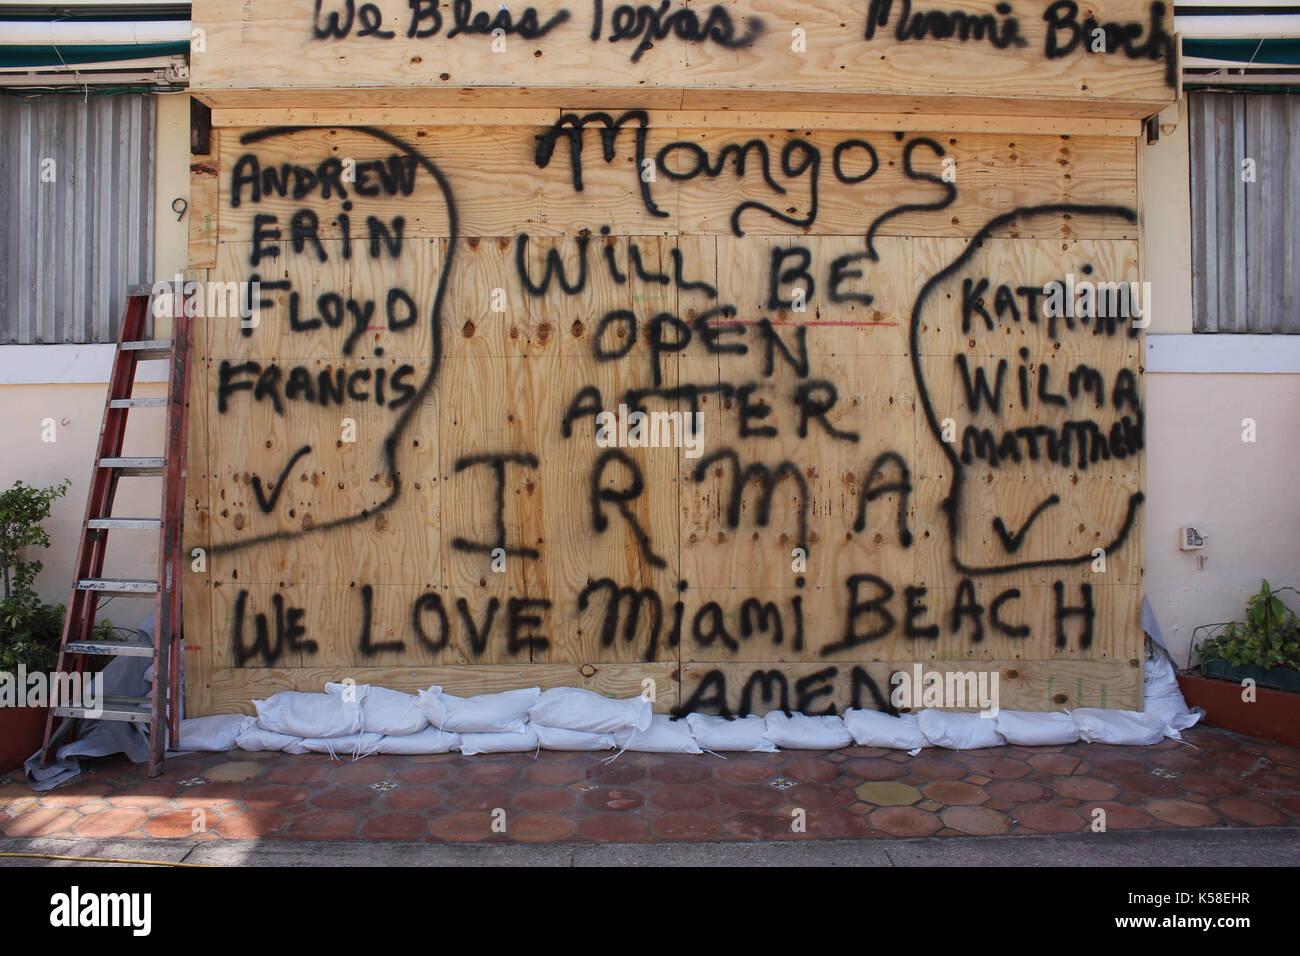 Miami Beach, desertas, pré furacão irma, 8 de setembro de 2017 Imagens de Stock